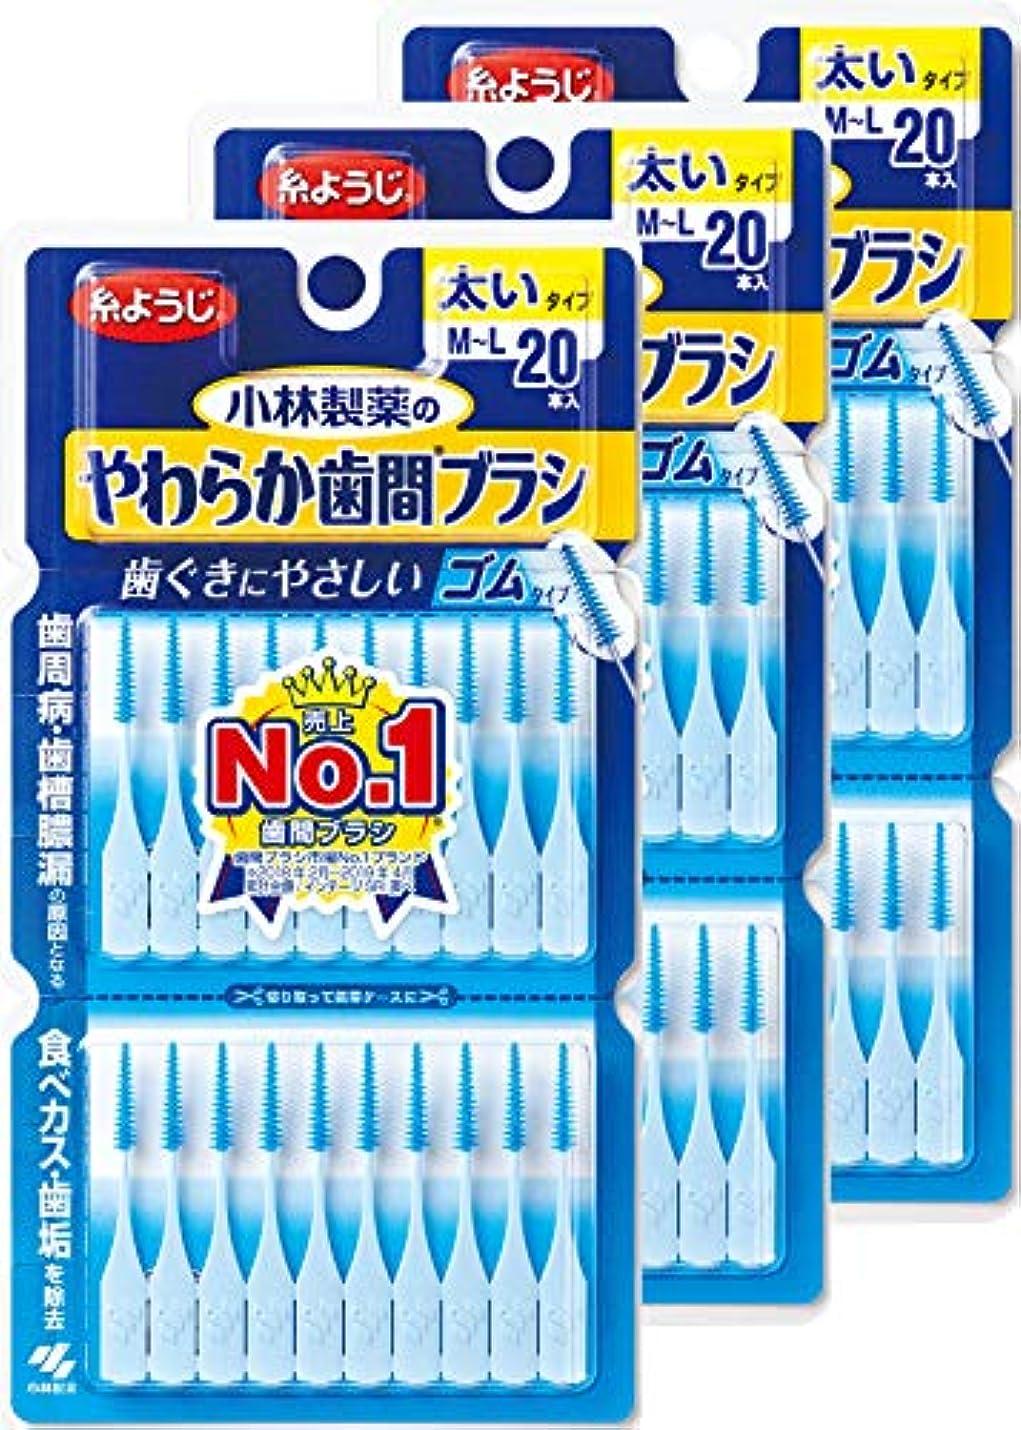 セメント現在はっきりと【まとめ買い】小林製薬のやわらか歯間ブラシ 太いタイプ M-Lサイズ 20本 ゴムタイプ×3個